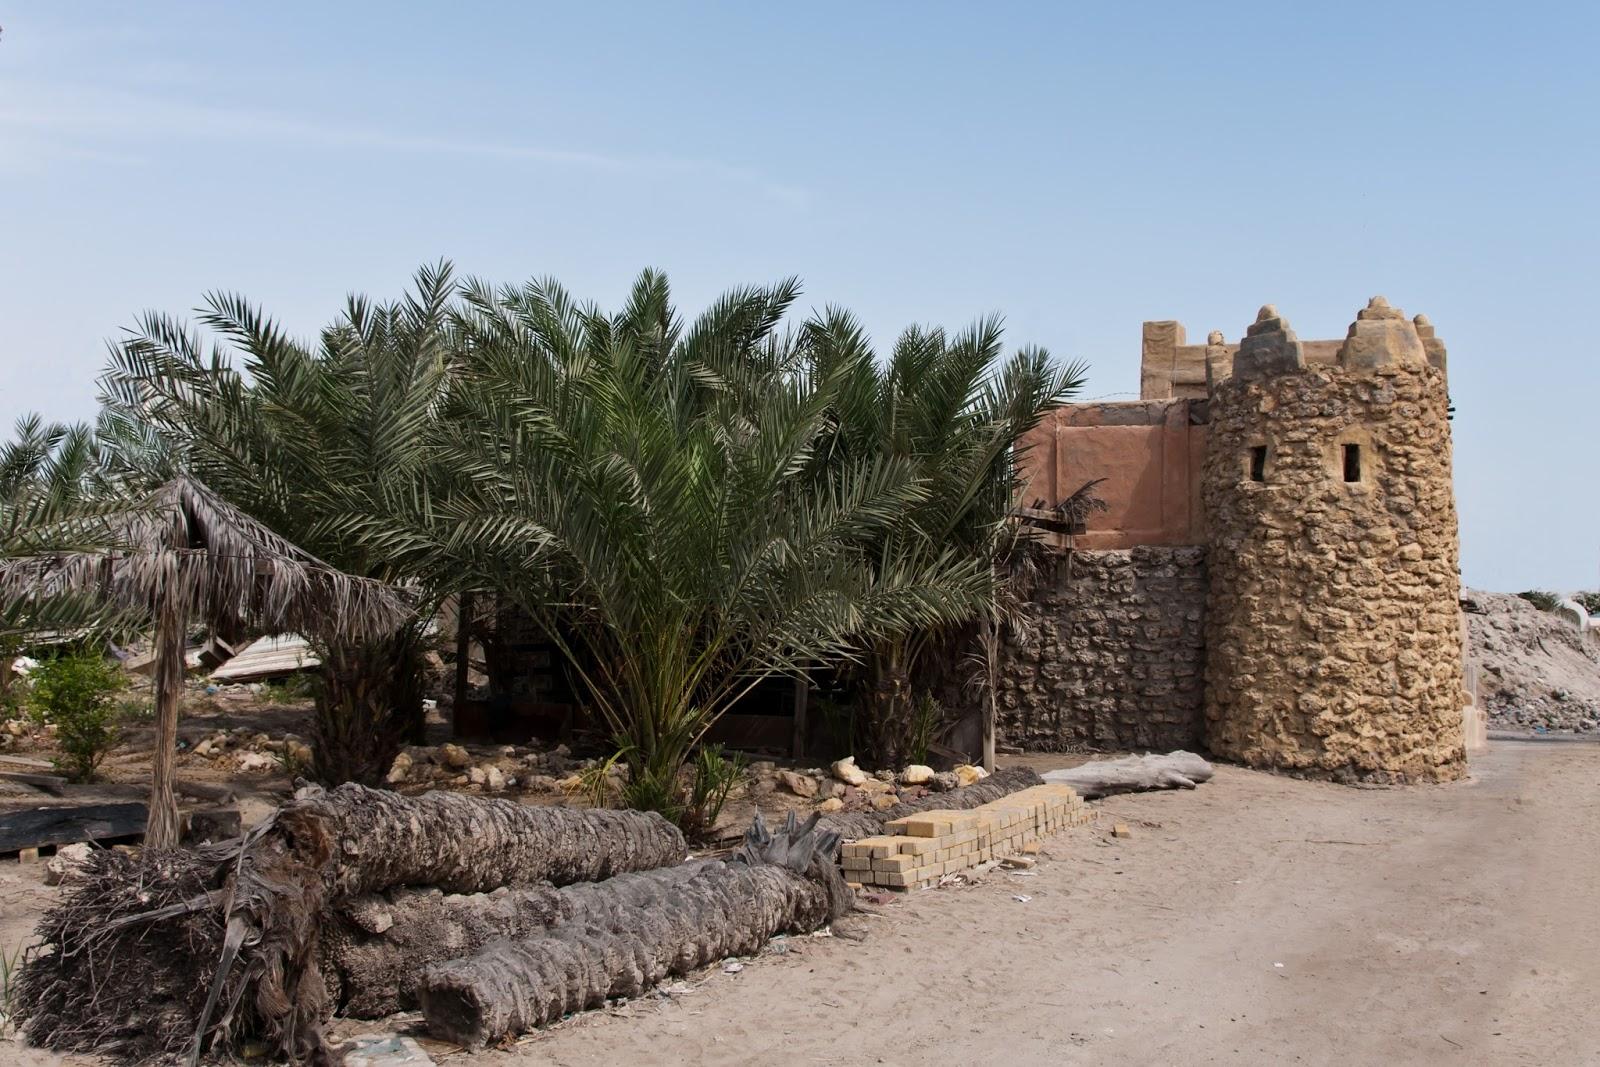 Al-Qatif – odslona druga